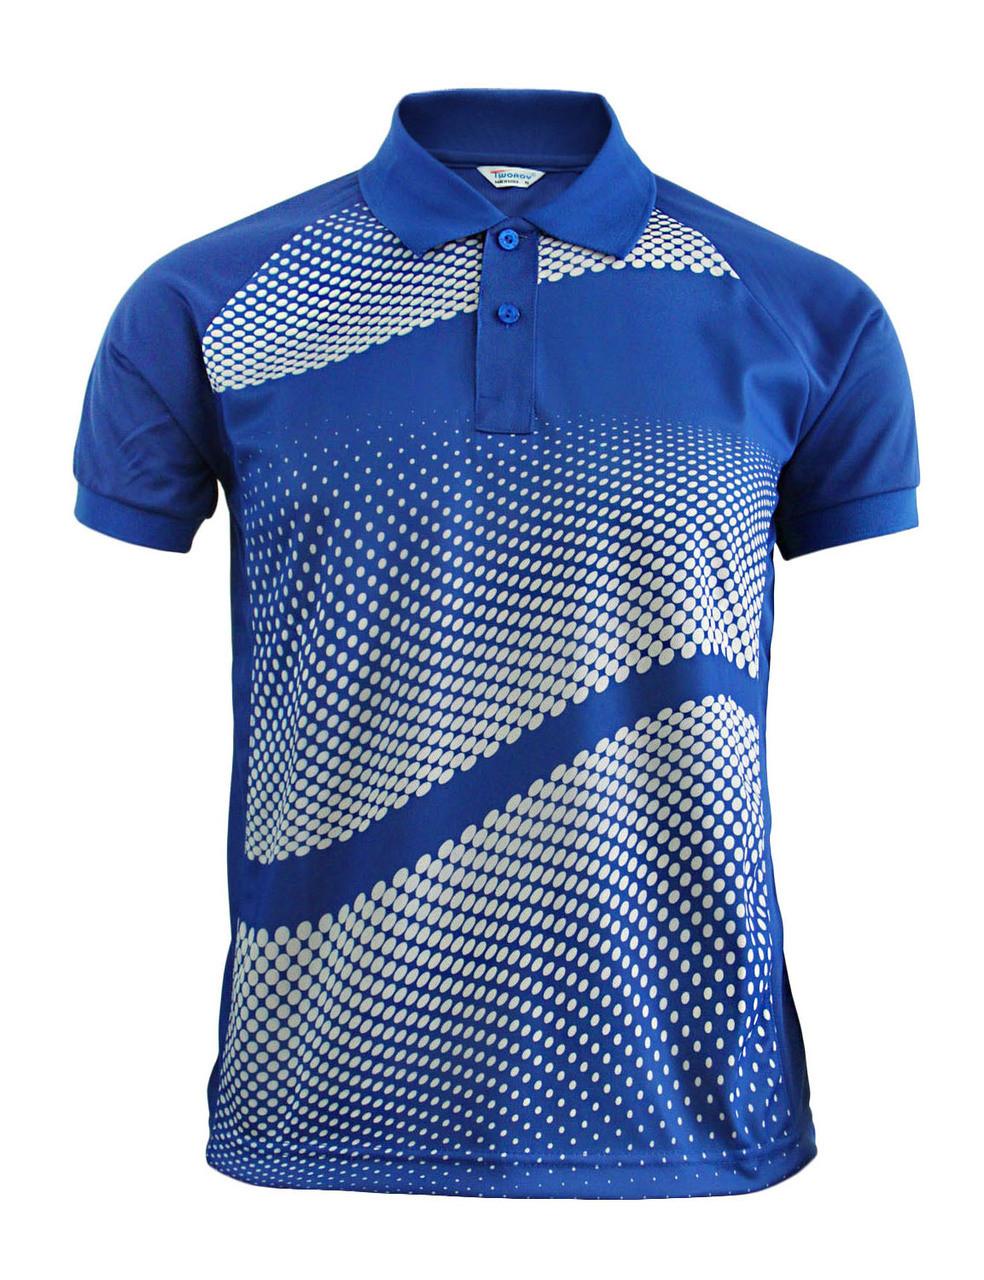 d2bbc676 Graphics Design Polo Shirt Blue Golfwear Short Sleeve Summer Shirt